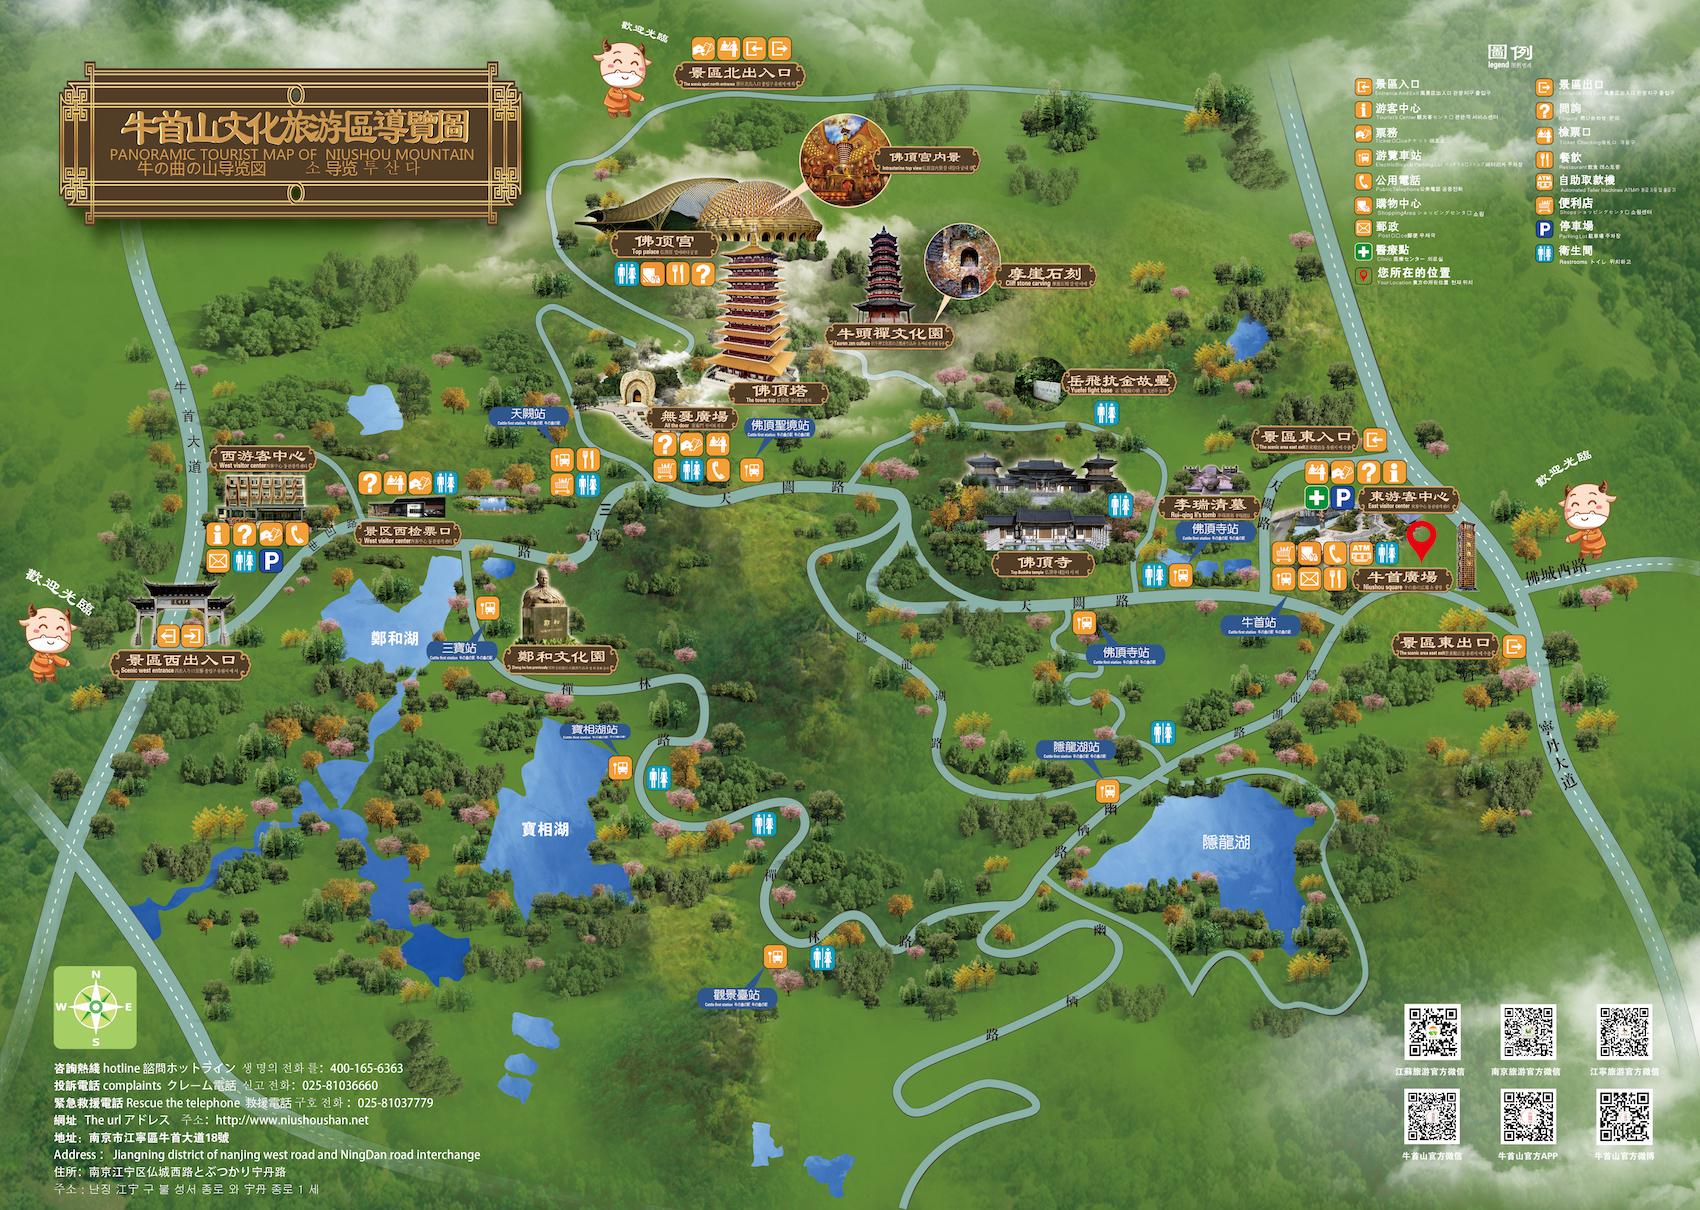 景区线路图